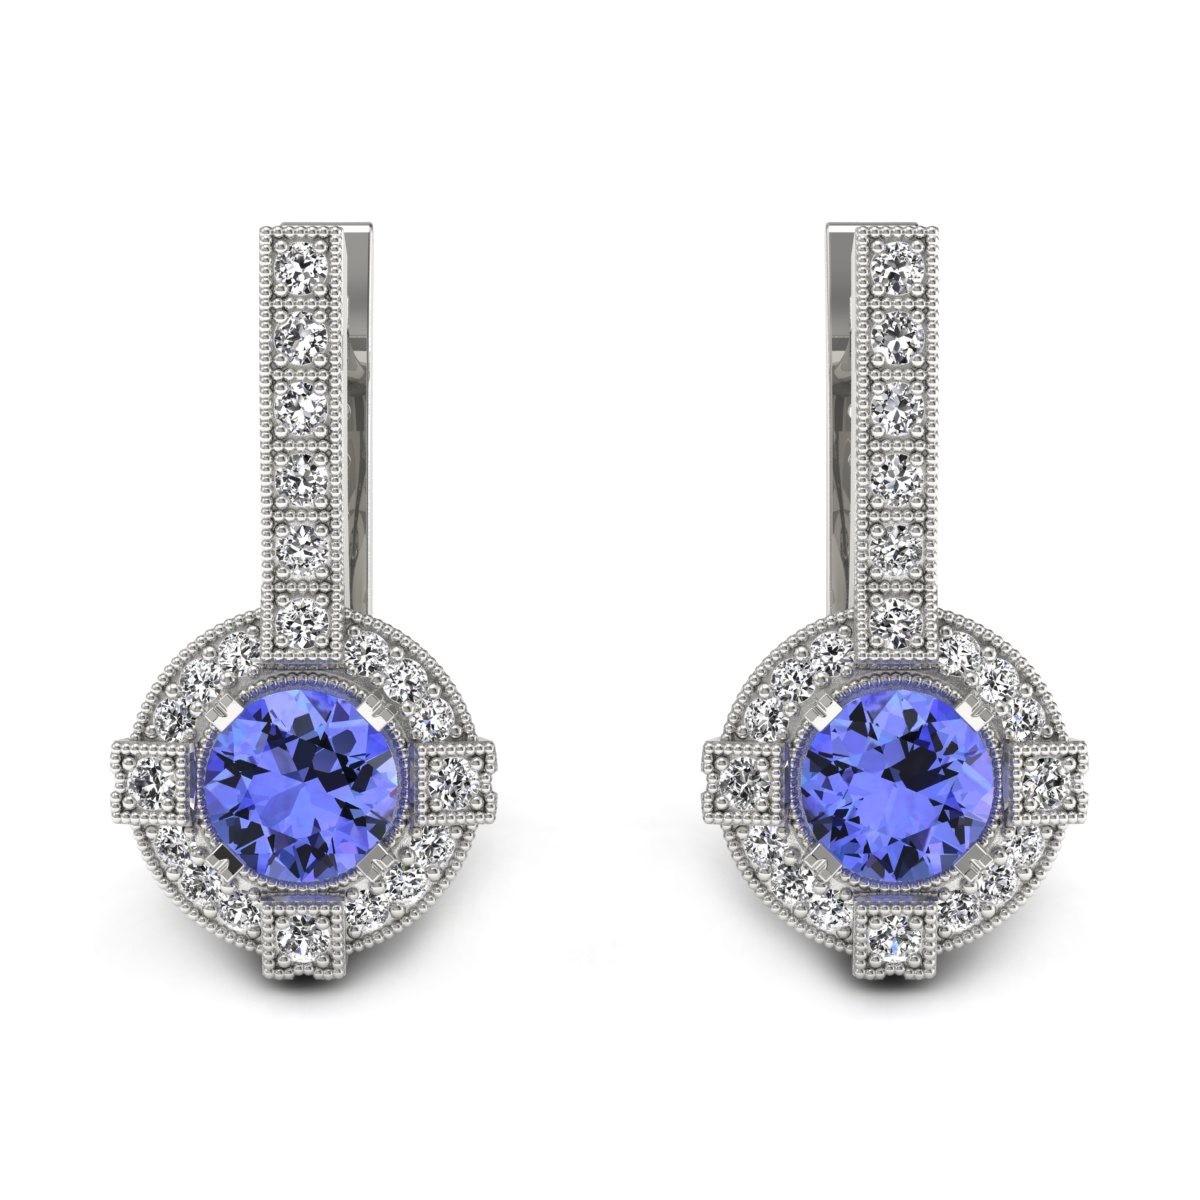 Audrey - Kolczyki z tanzanitami i diamentami